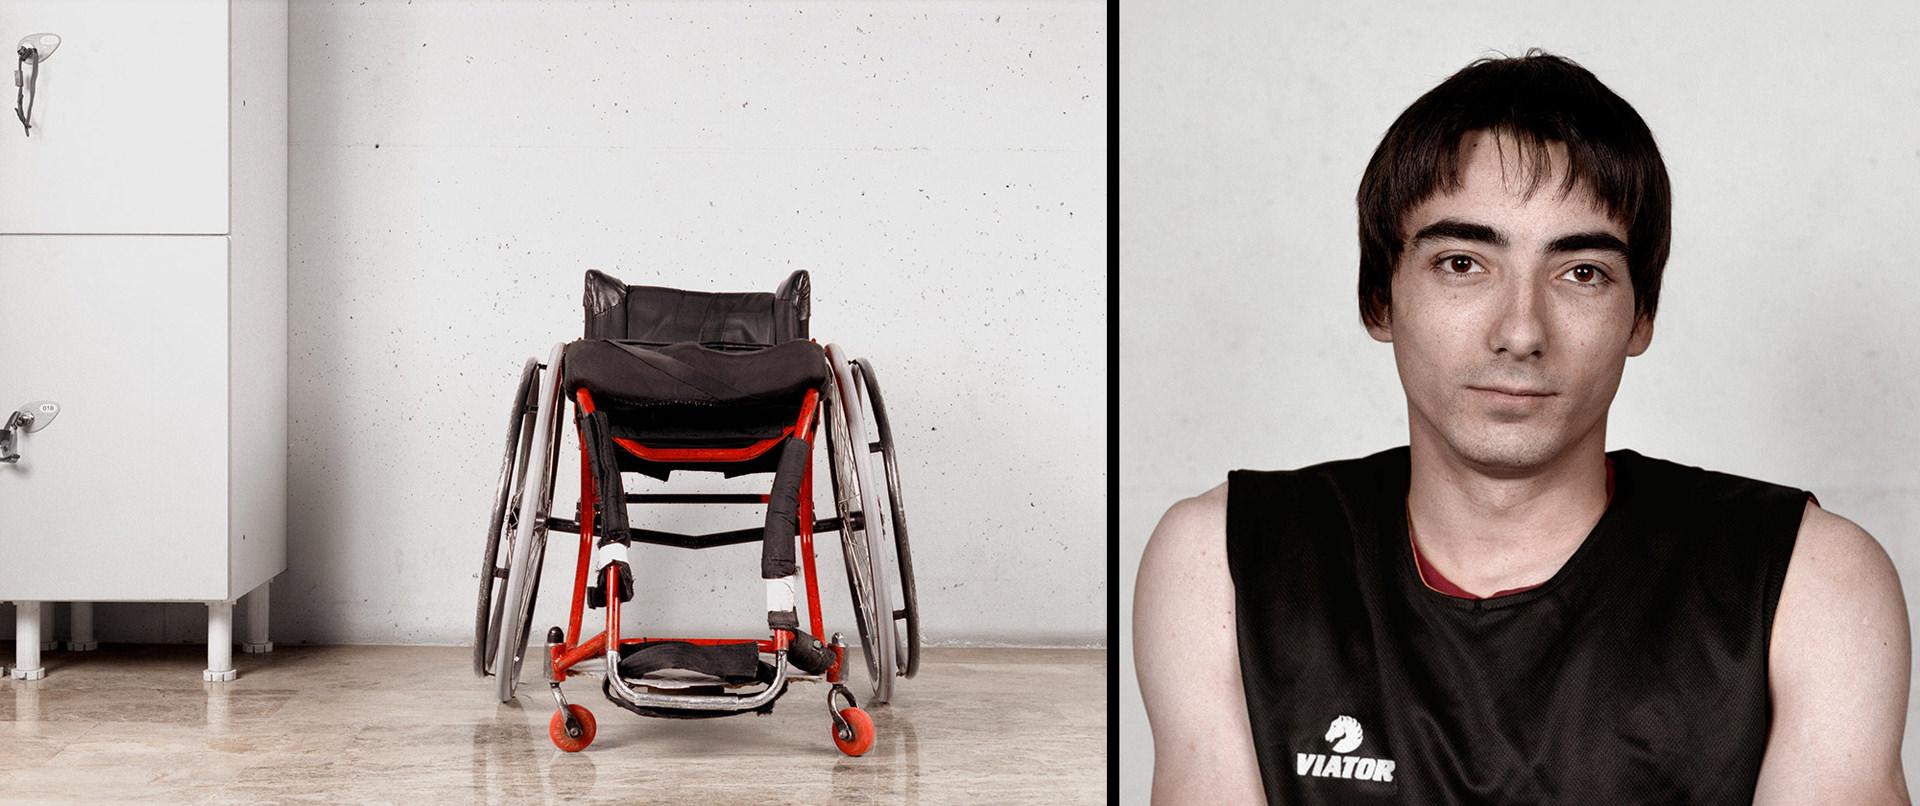 ©ankeluckmann292, wheelchair, rolli, portrait, basketball, chair, www.ankeluckmann.com, anke luckmann, personal work, sport